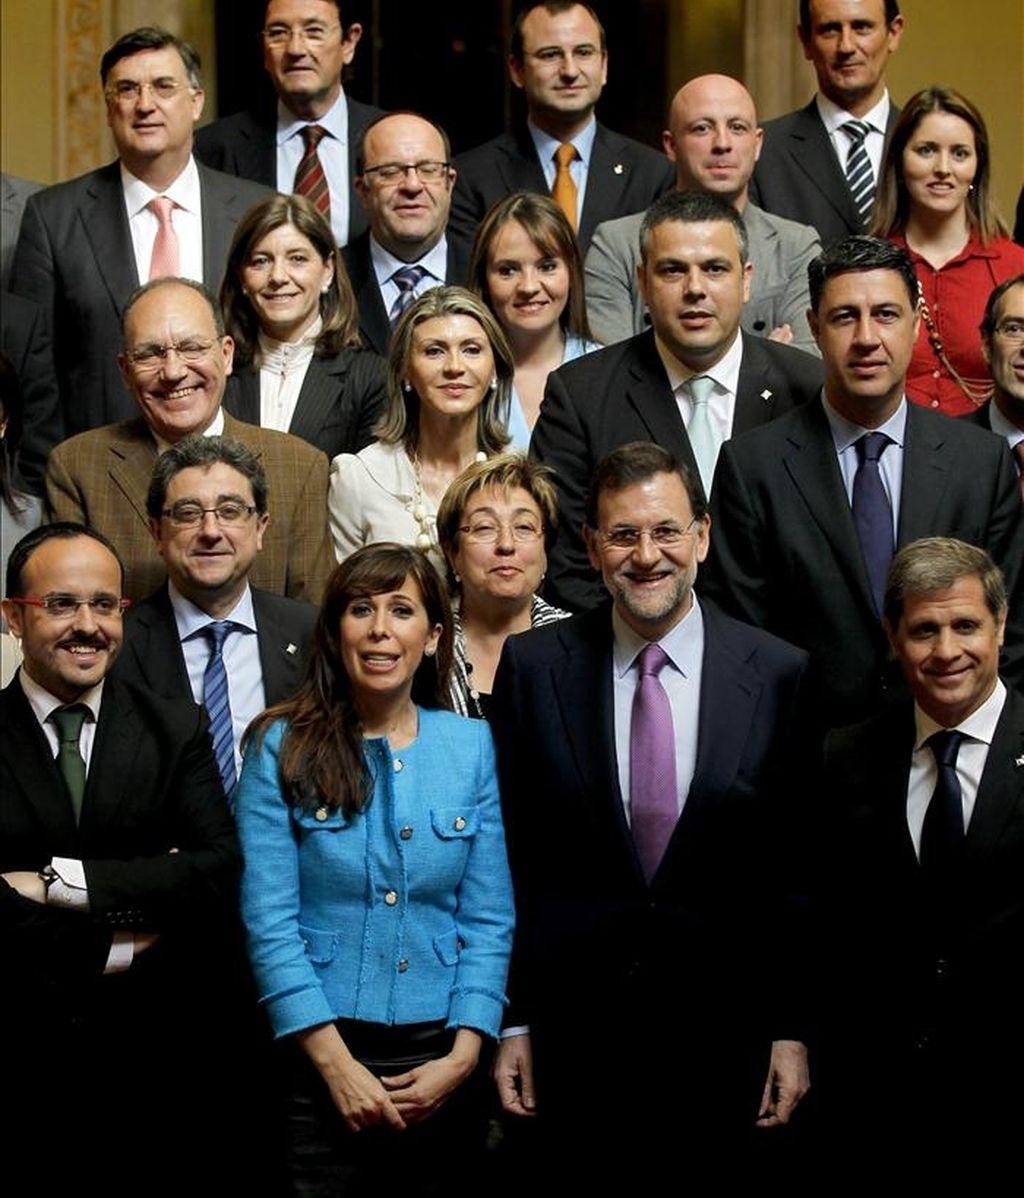 El líder del Partido Popular (PP), Mariano Rajoy (2ºd), acompañado de su homóloga en Cataluña, Alícia Sánchez-Camacho (2ºi), posan conjuntamente con los diputados de su grupo en el Parlament y los candidatos a las alcaldías de las principales ciudades catalanas, durante la visita que ha realizado esta mañana a la cámara catalana. EFE